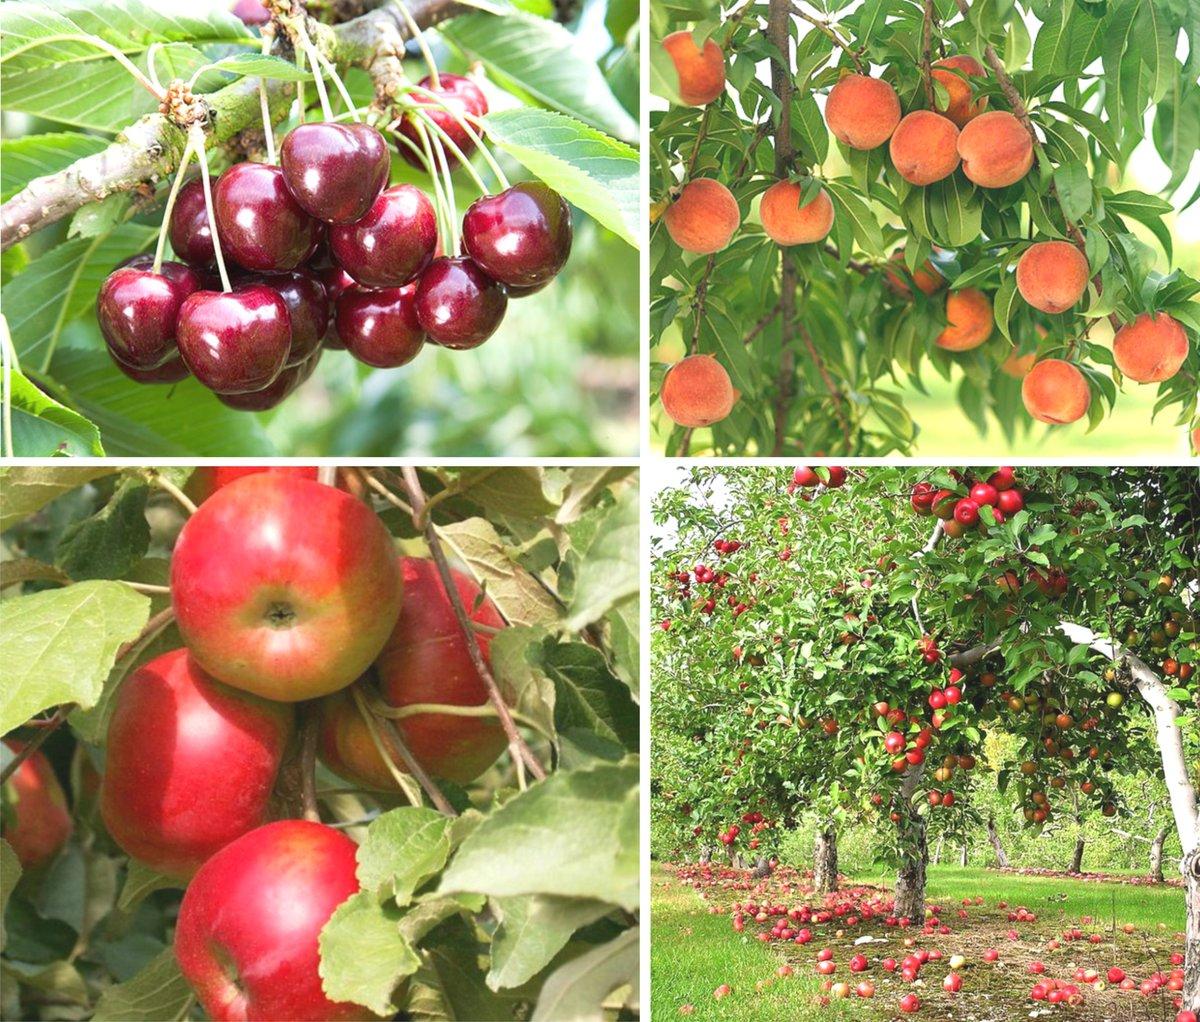 таблица, составленная по Лунному календарю для огородника и садовода Краснодарского края на 2021 год фото 3